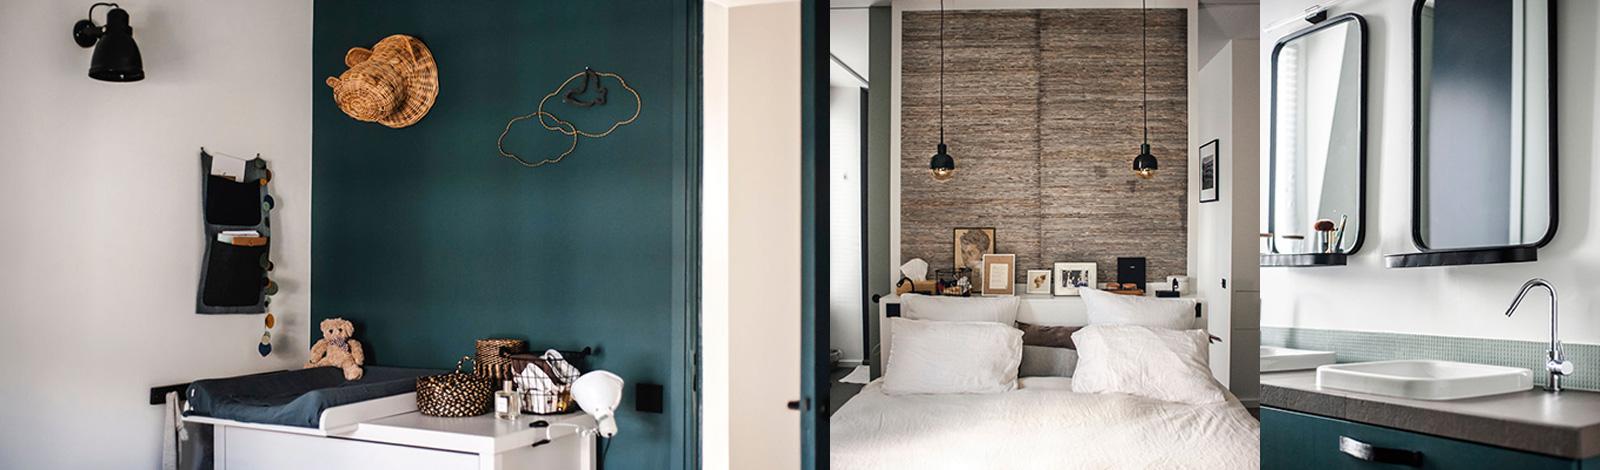 Décoration intérieure : appartement duplex